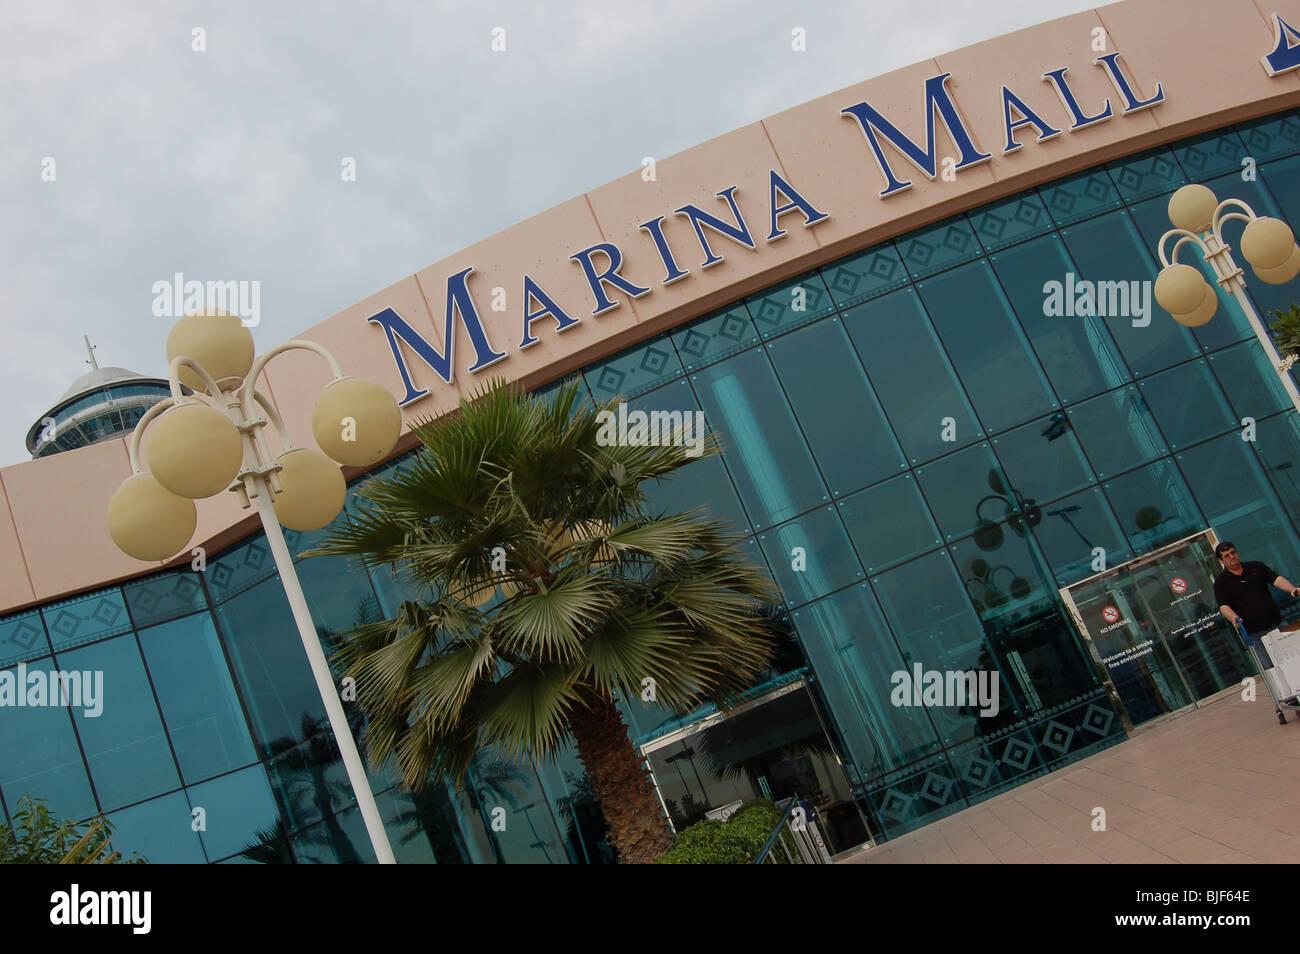 Marina Mall, Abu Dhabi, United Arab Emirates - Stock Image